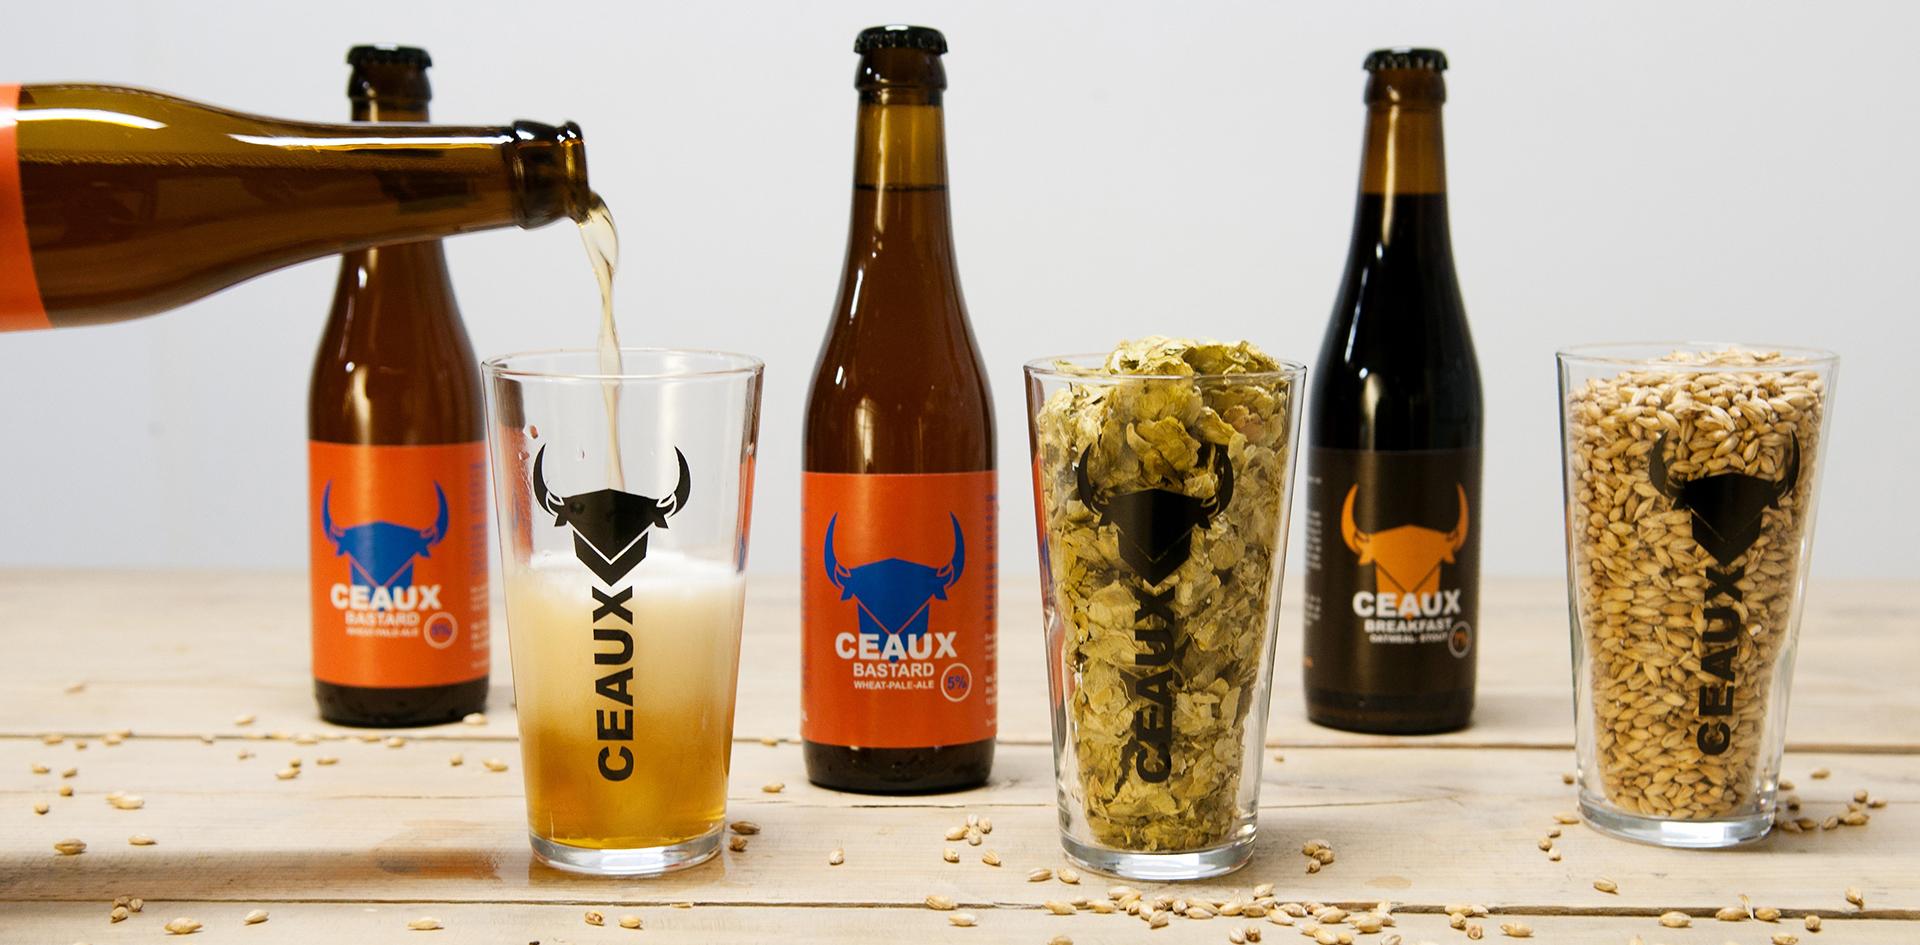 pils-bier-brouwerij-nederland-streekbier-utrecht-ceaux-foto-01